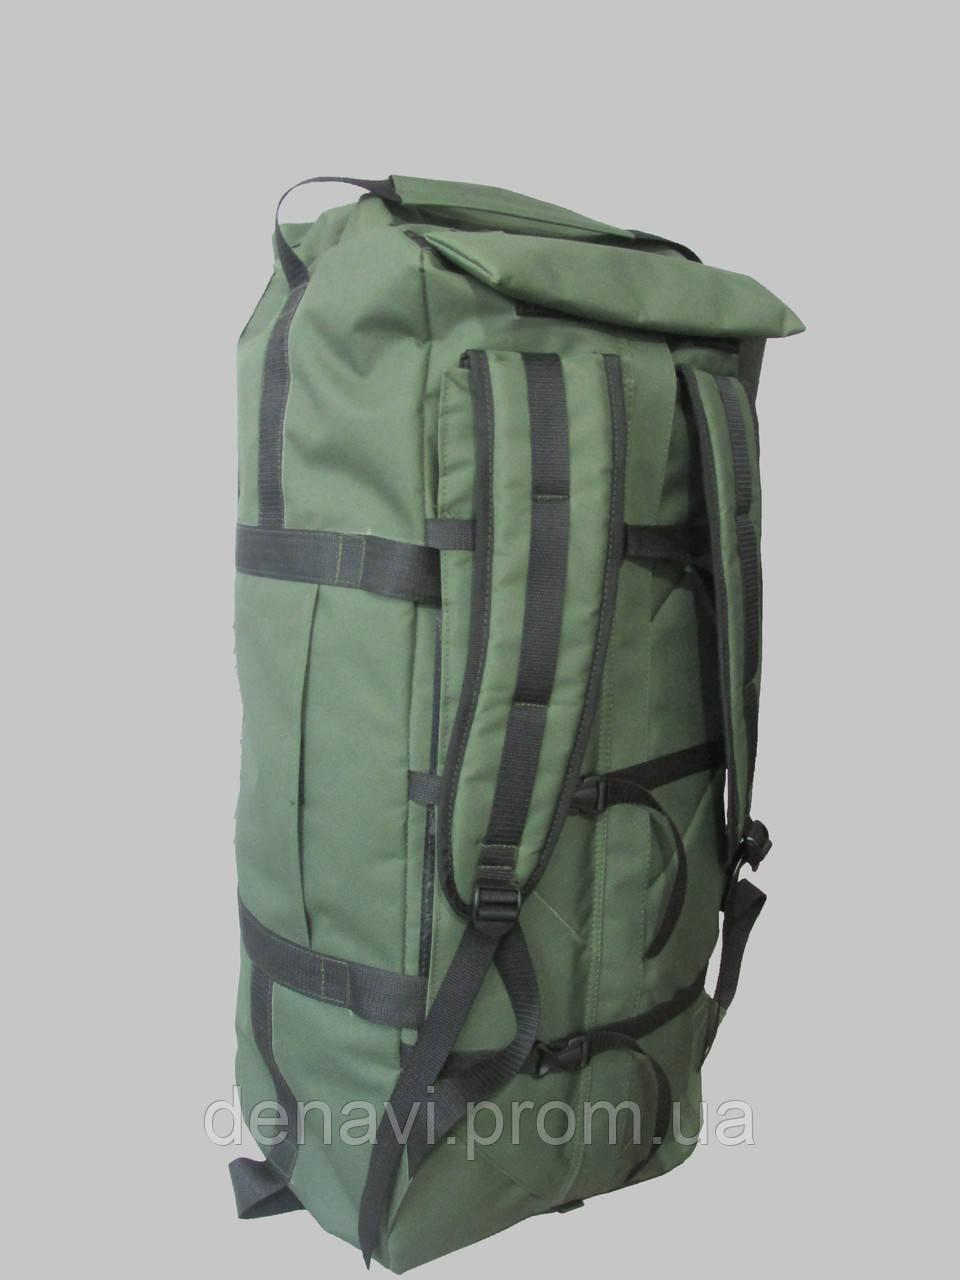 Тактические рюкзаки 90-100л рюкзак для чучел купить